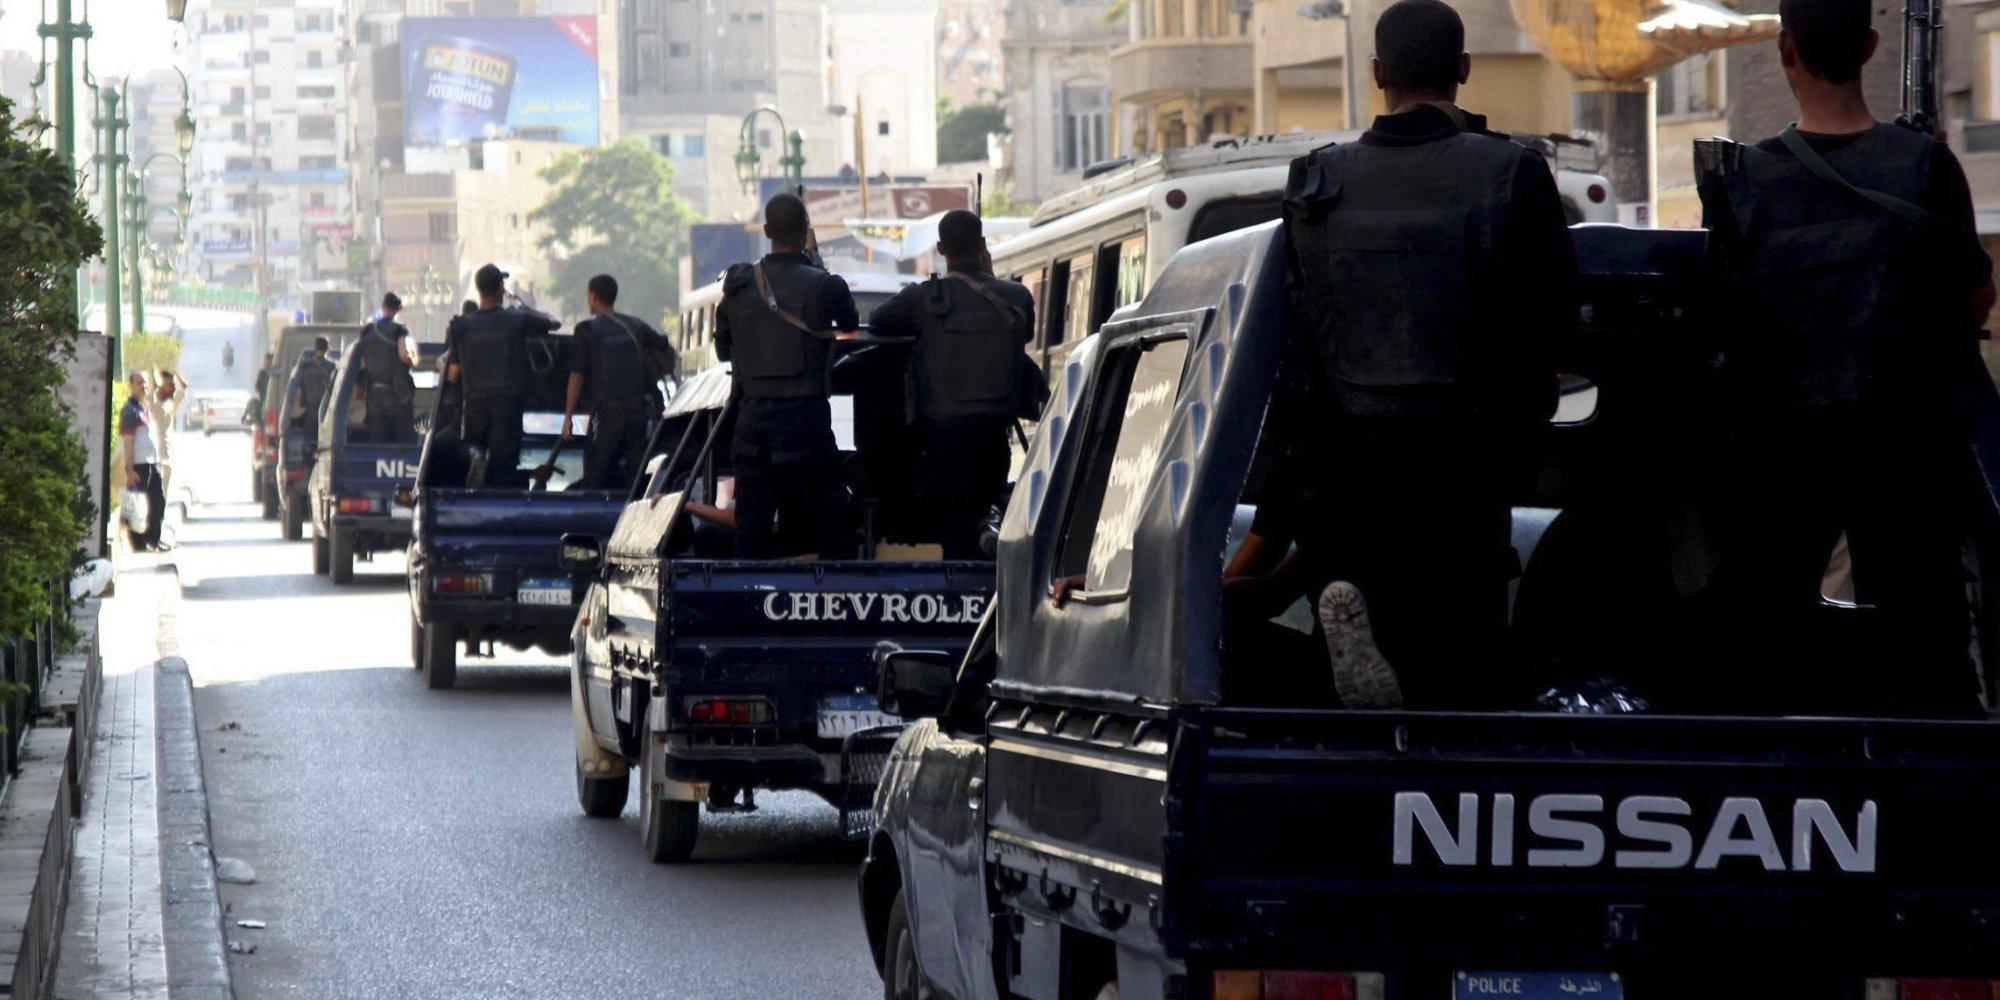 ضبط 228 سلاحا ناريا وتنفيذ 77795 حكما قضائيا متنوعا